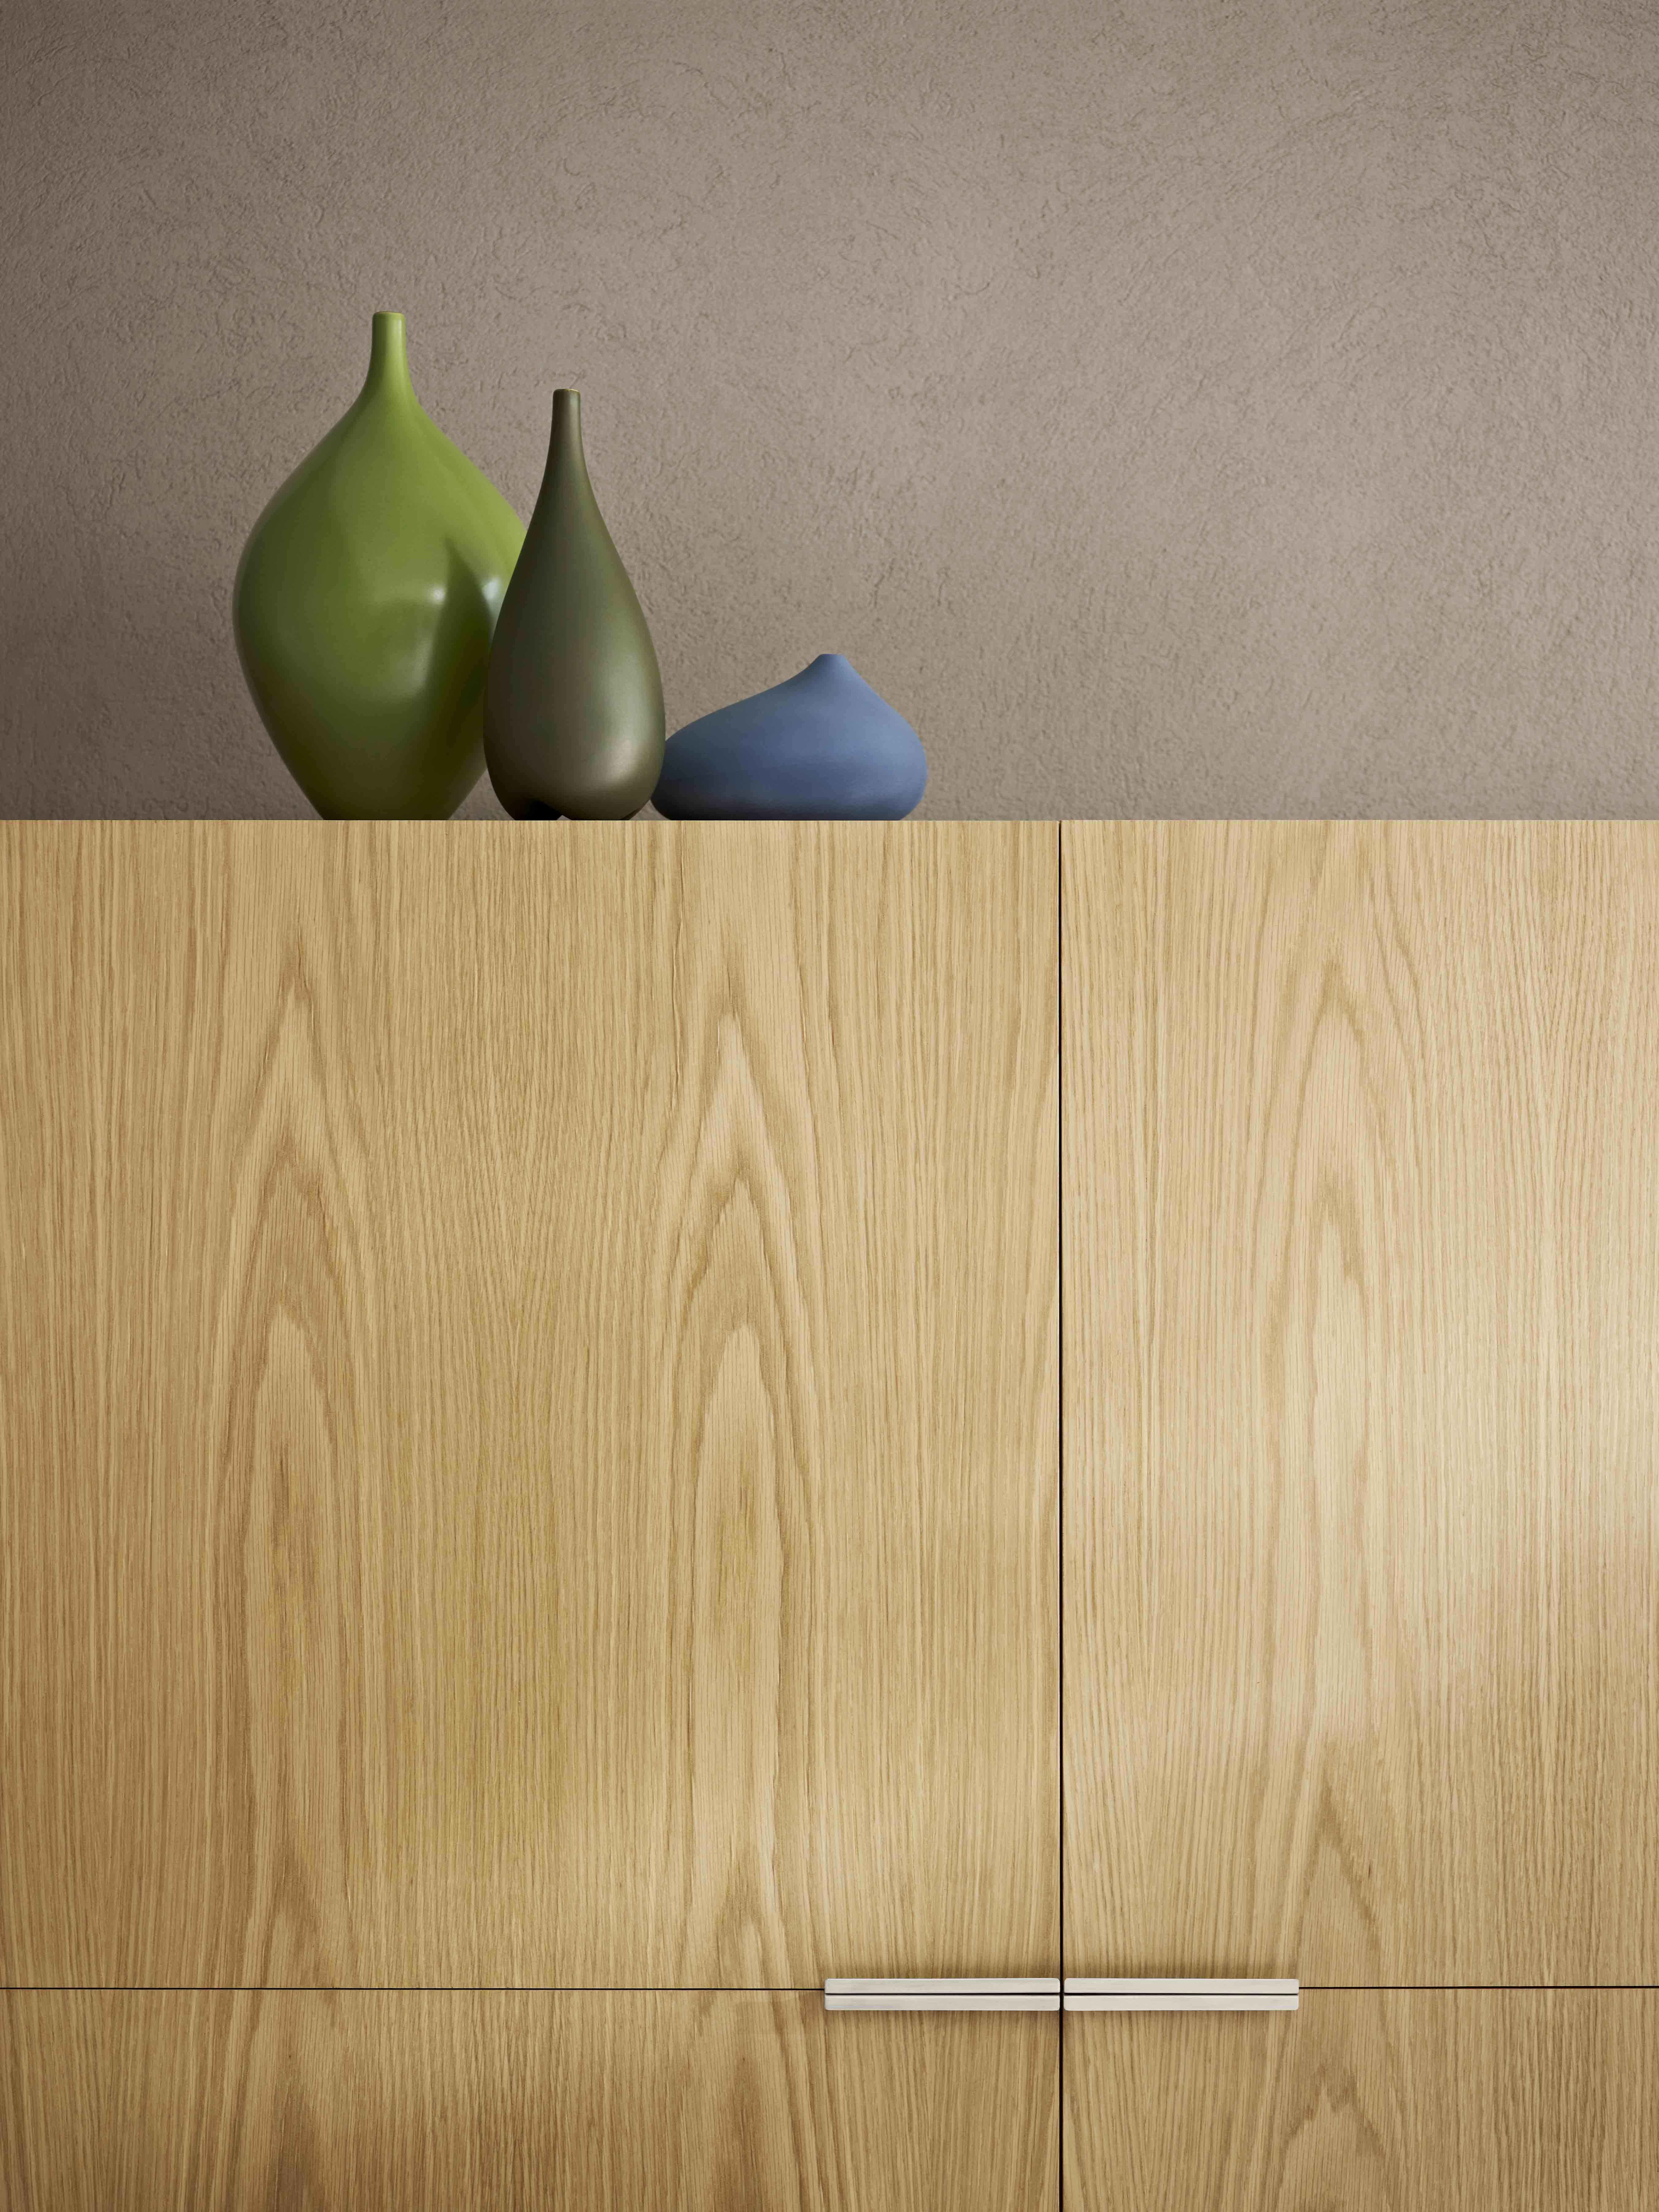 Cabinet Laminex Natural Timber Veneer American White Oak (Crown Cut ...